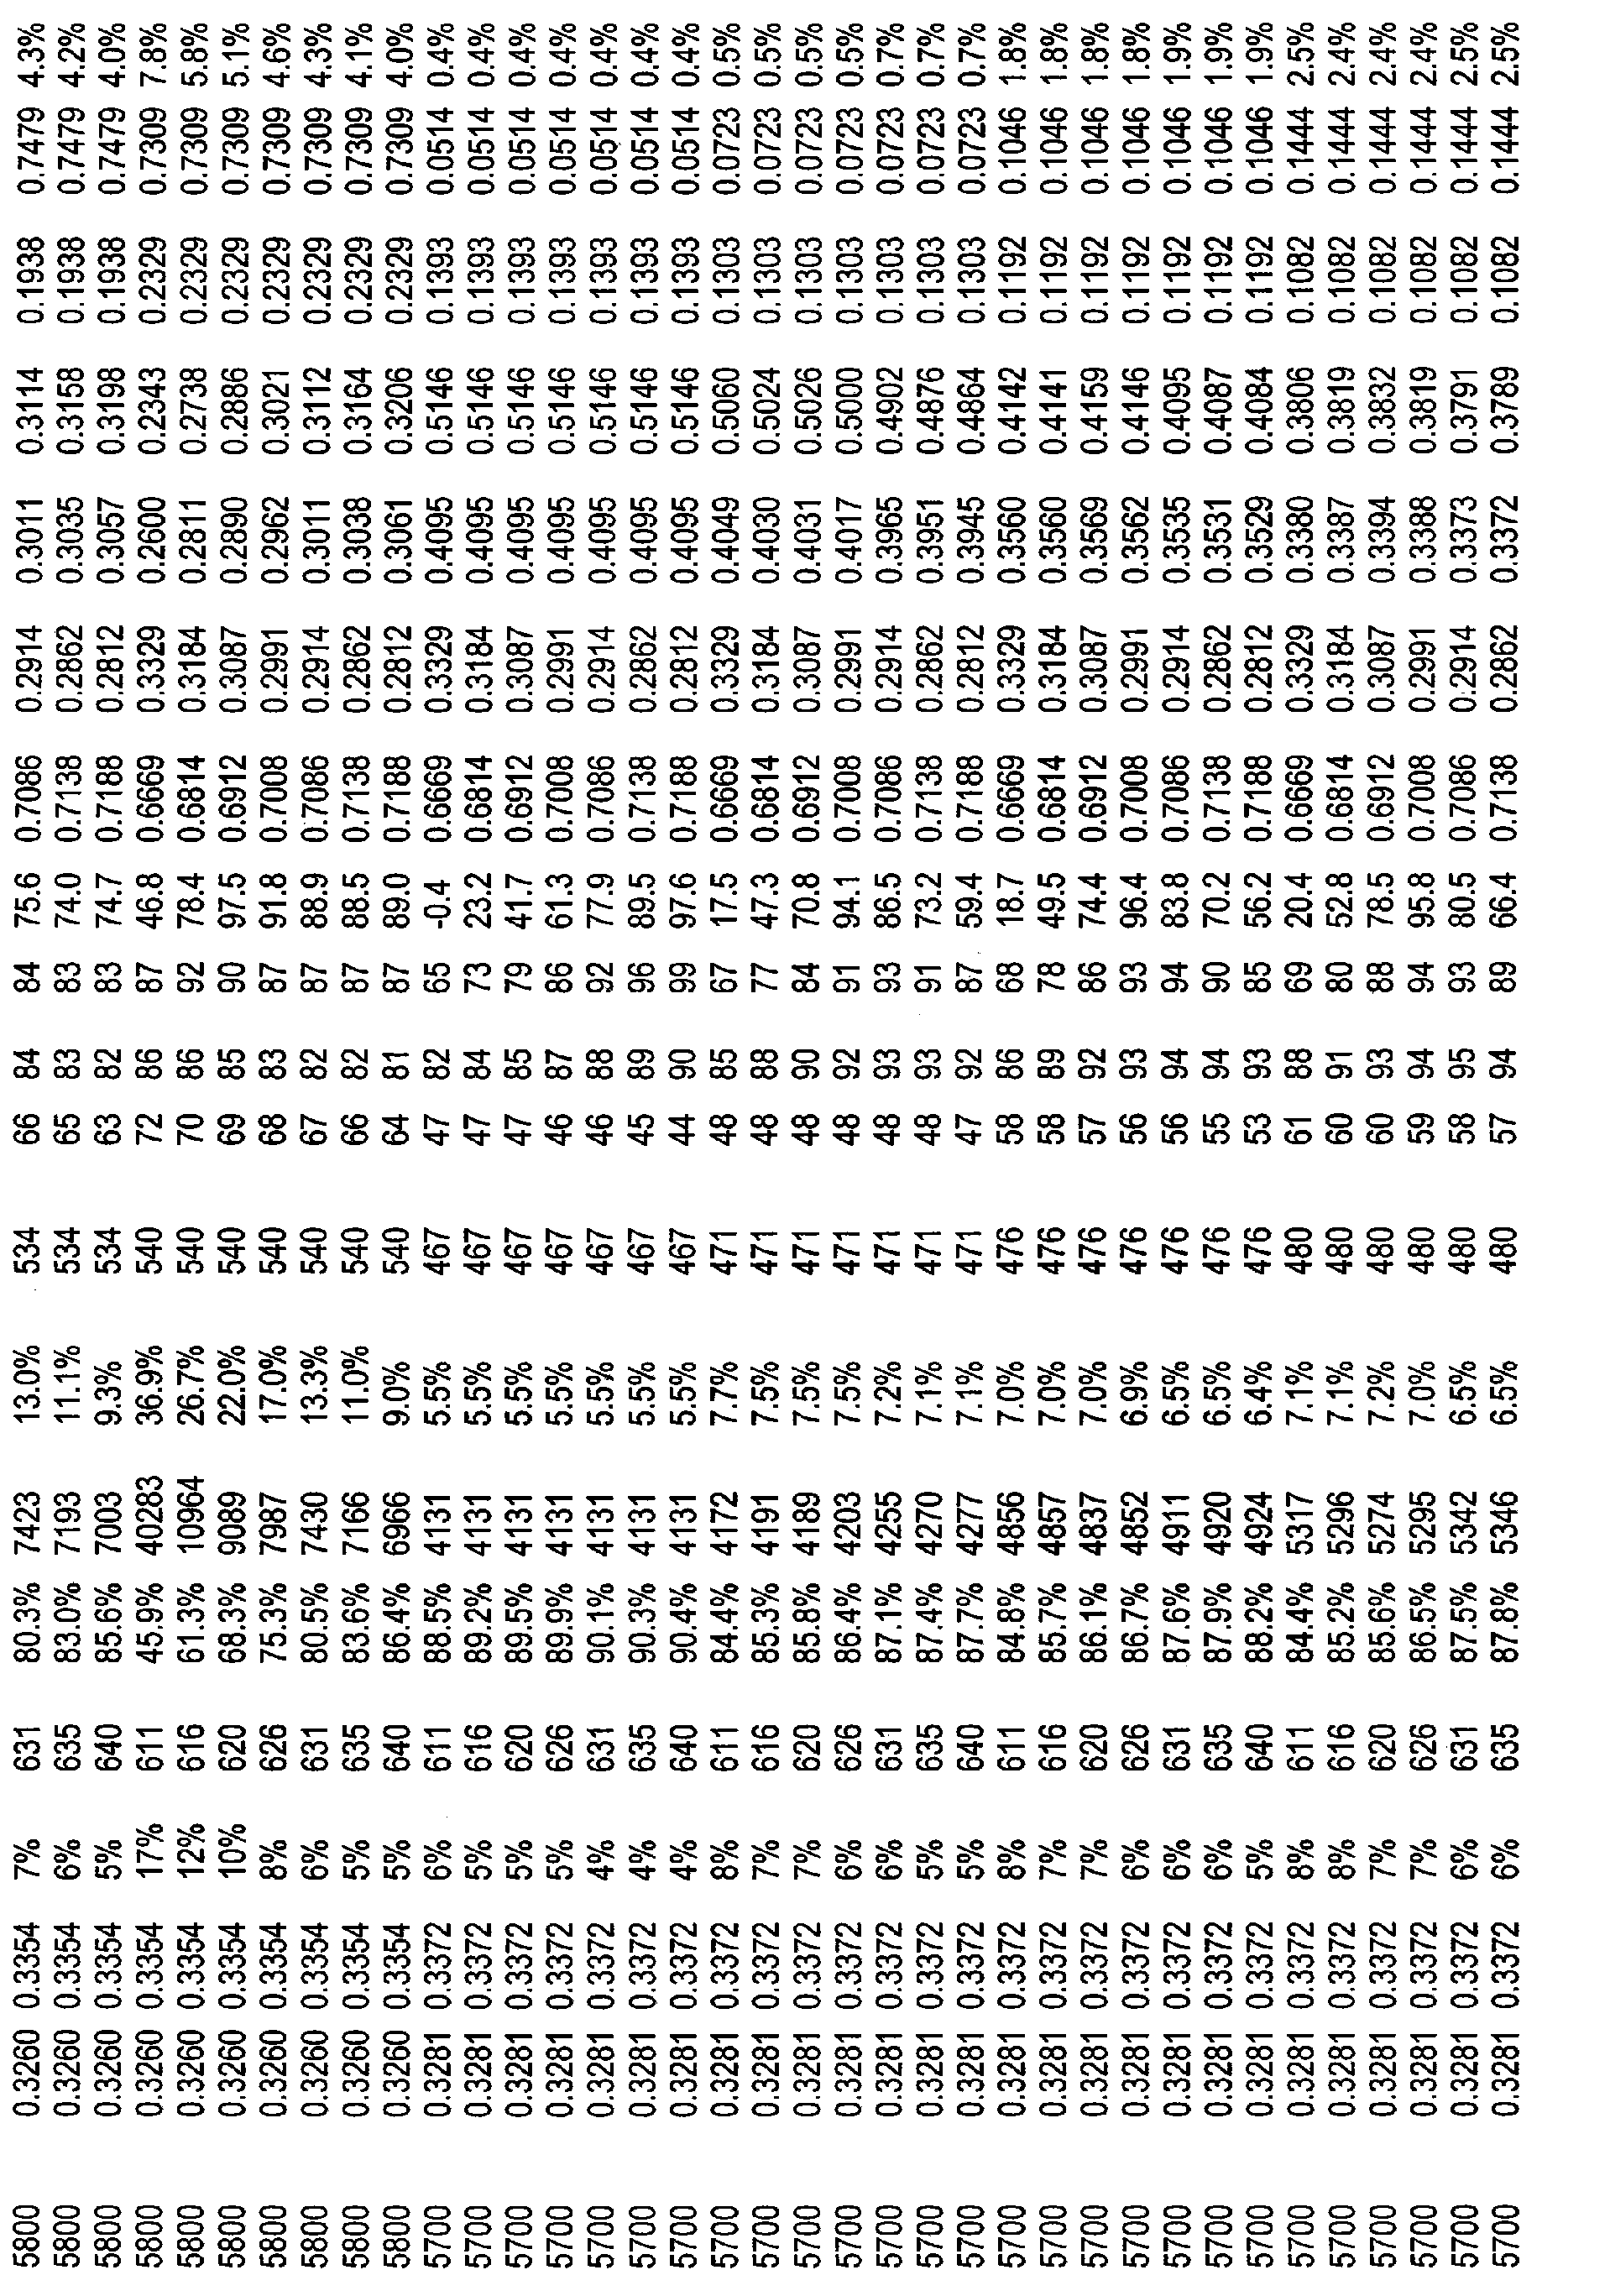 Figure CN101821544BD00451